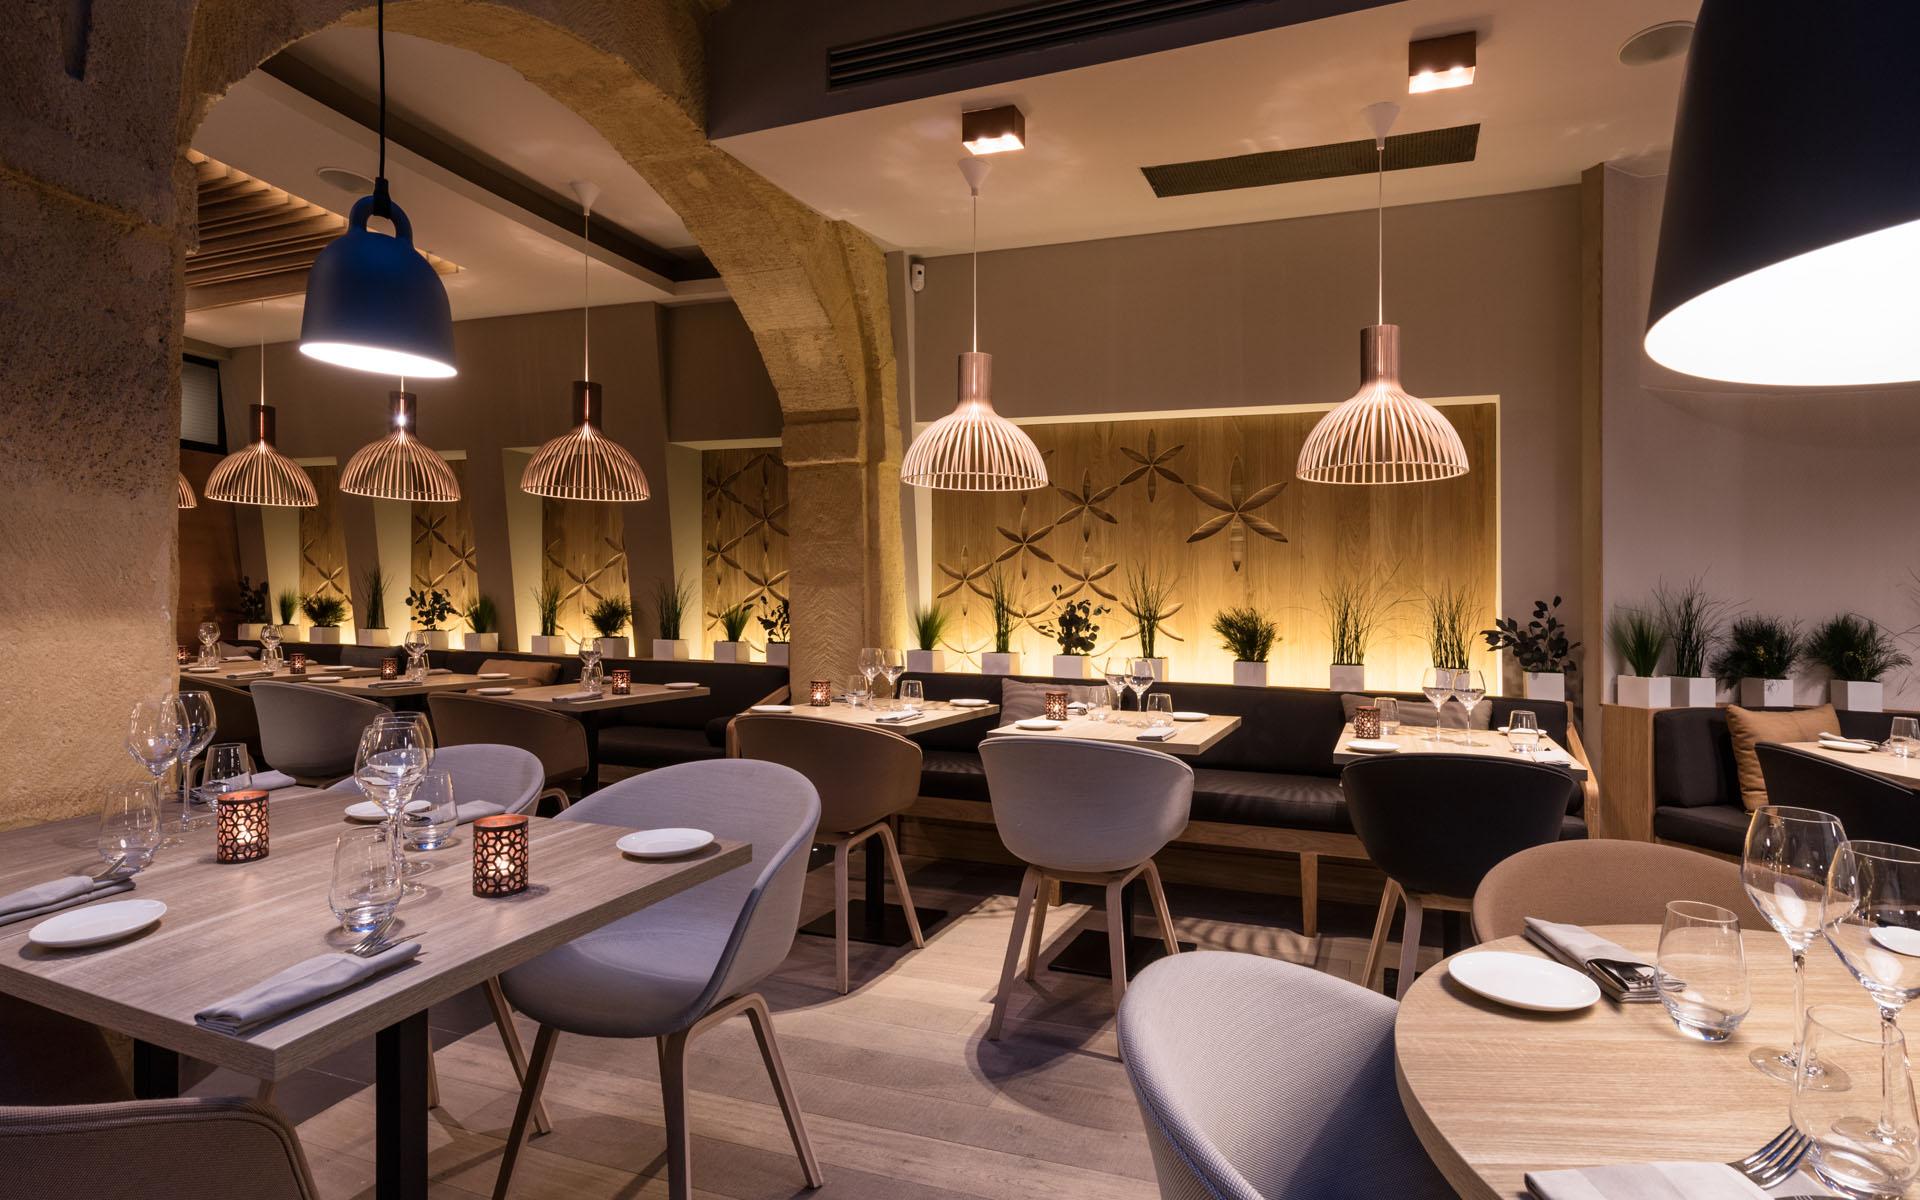 intérieur du restaurant coté cour à aix en provence 12